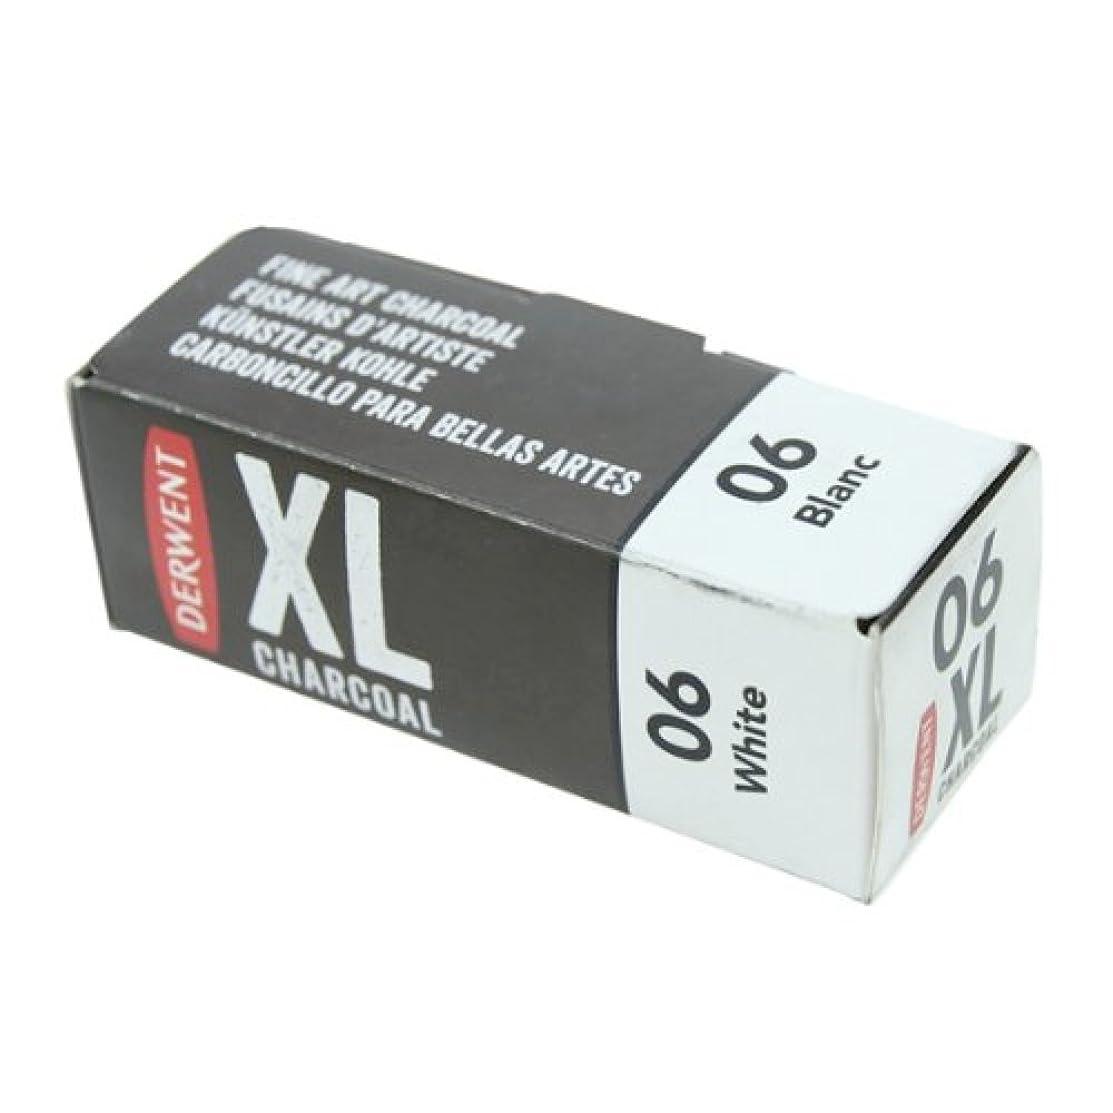 Derwent XL Charcoal Block White